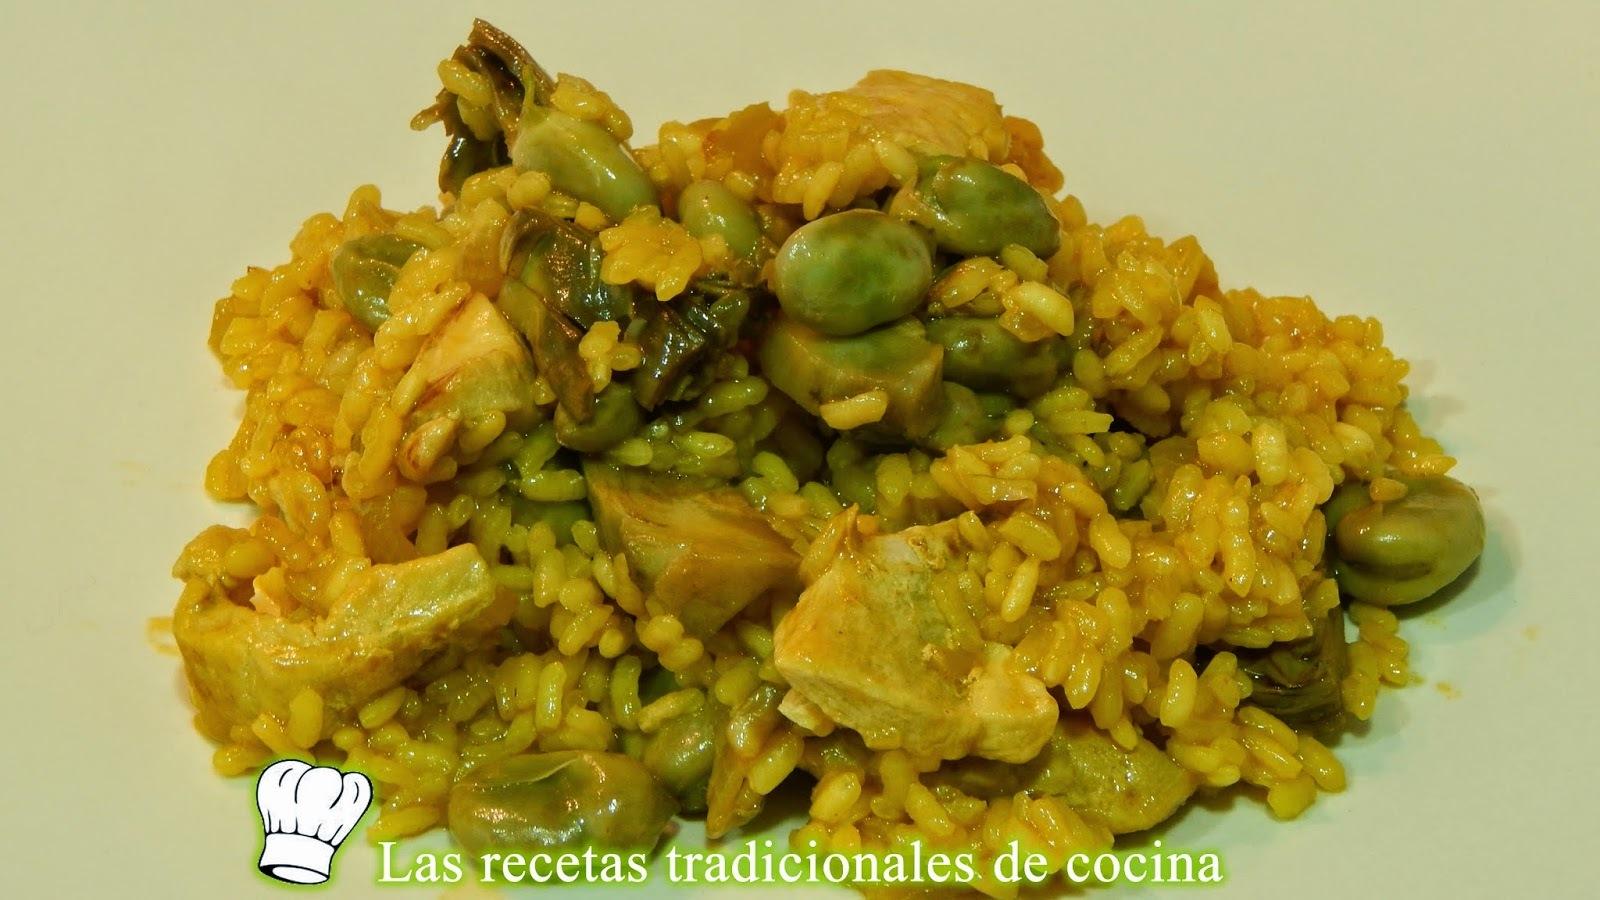 Receta de arroz con pollo, alcachofas y habas